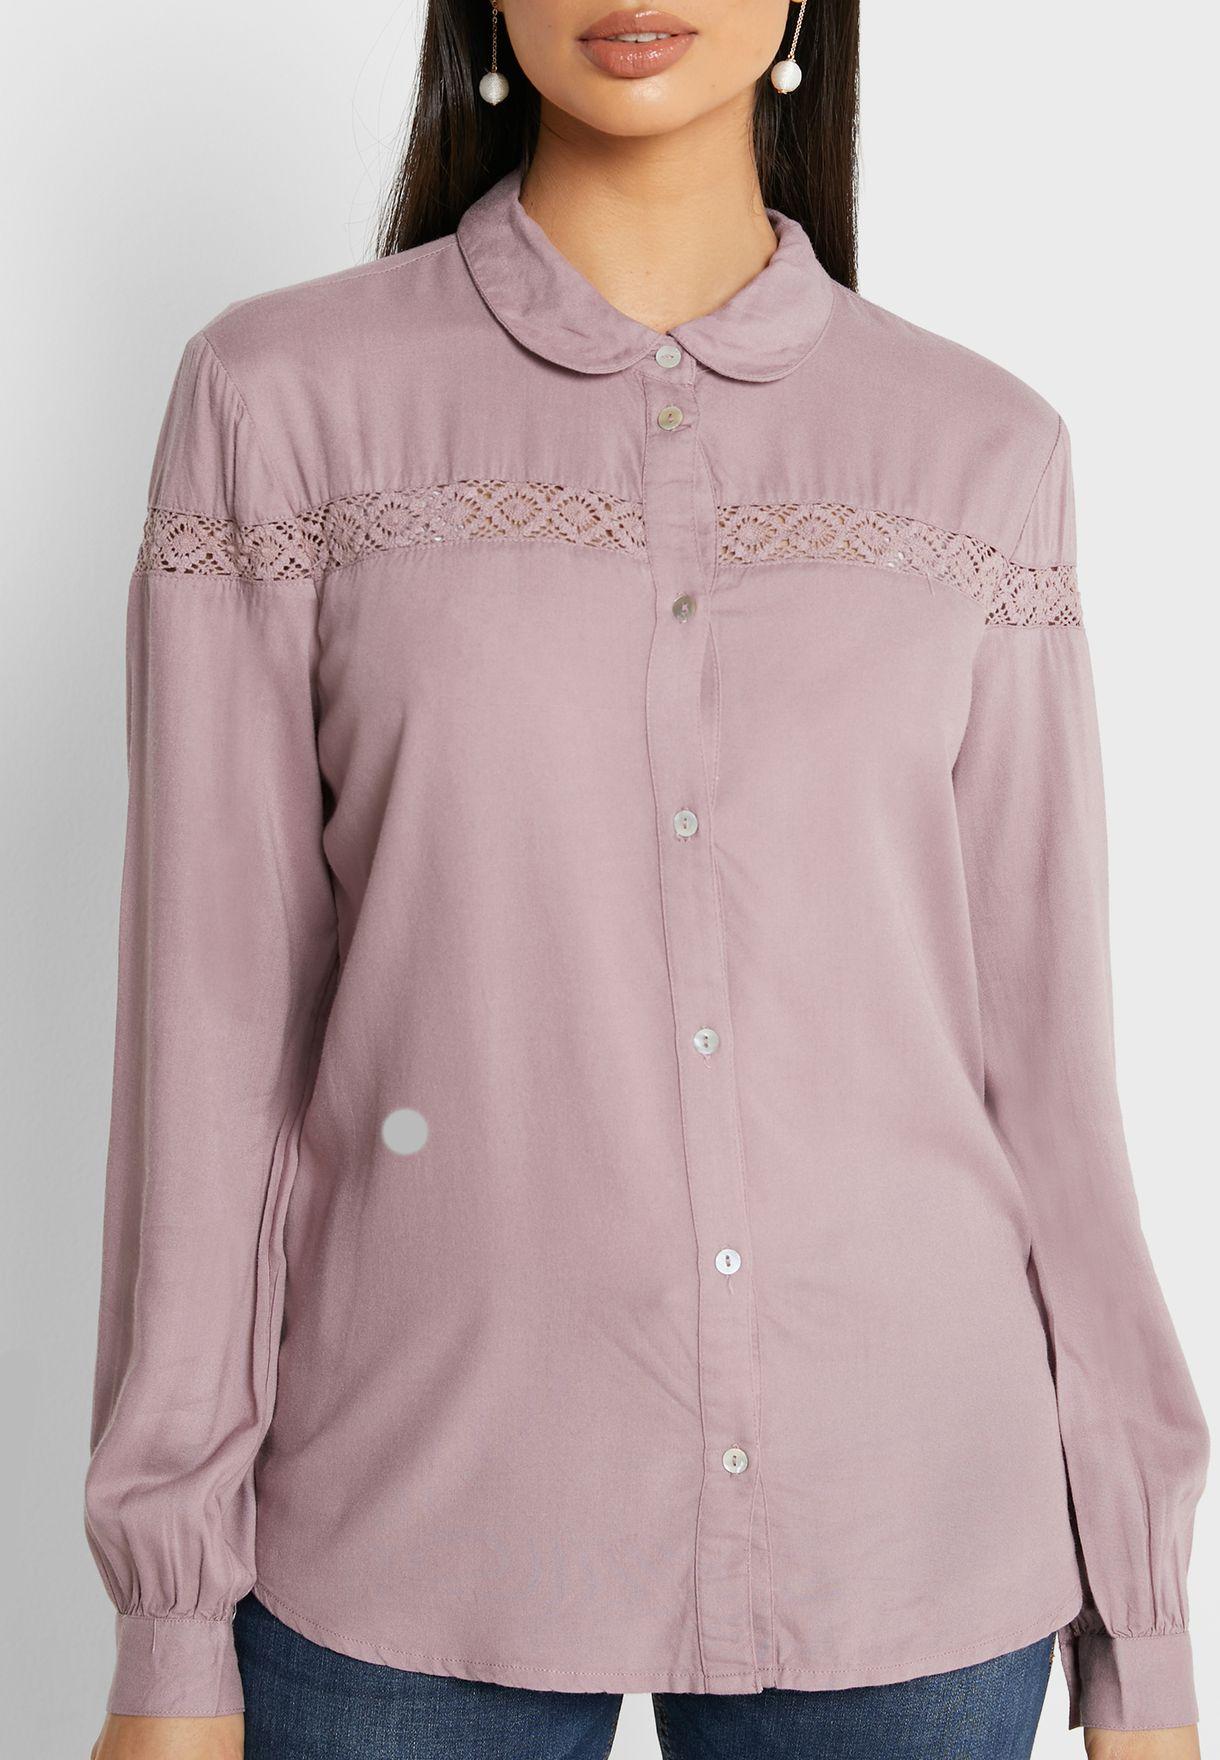 Lace Insert Shirt